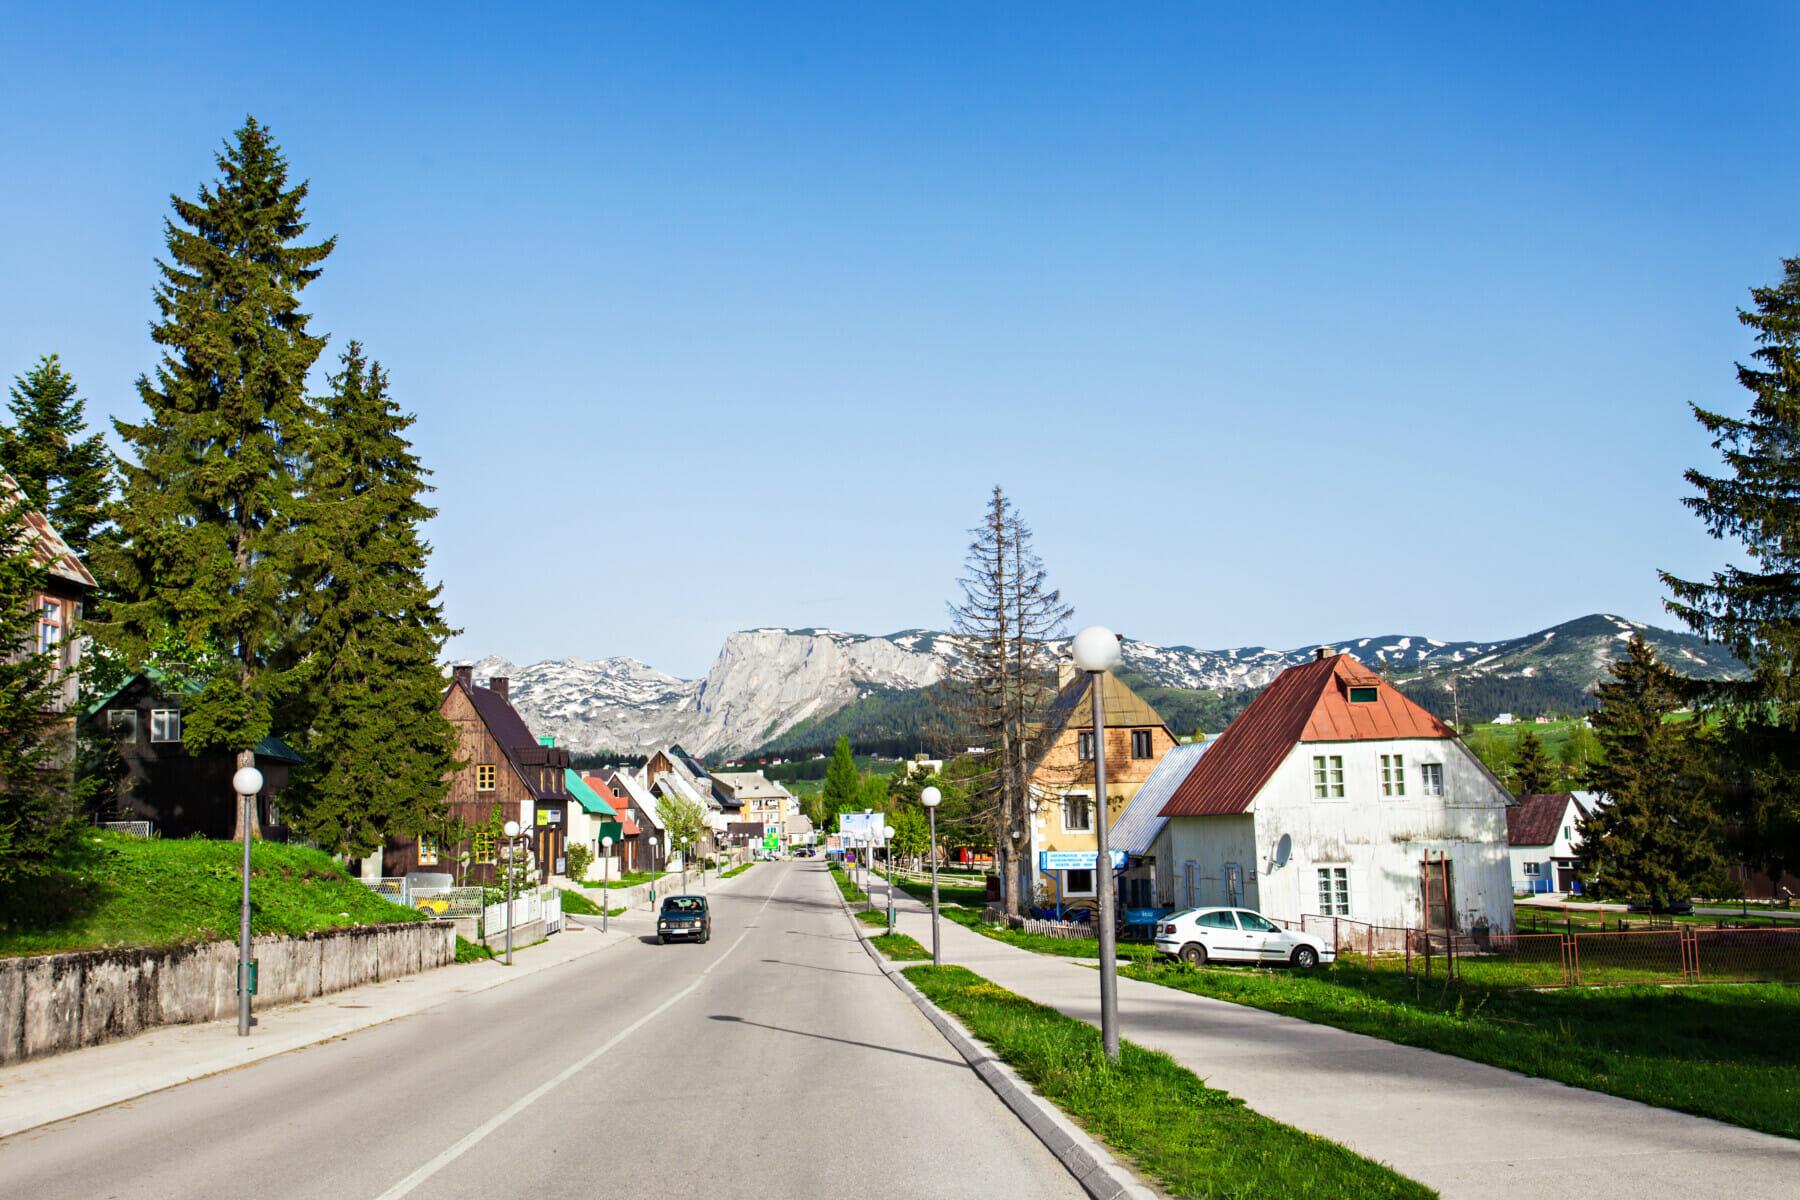 Main street in Zabljak